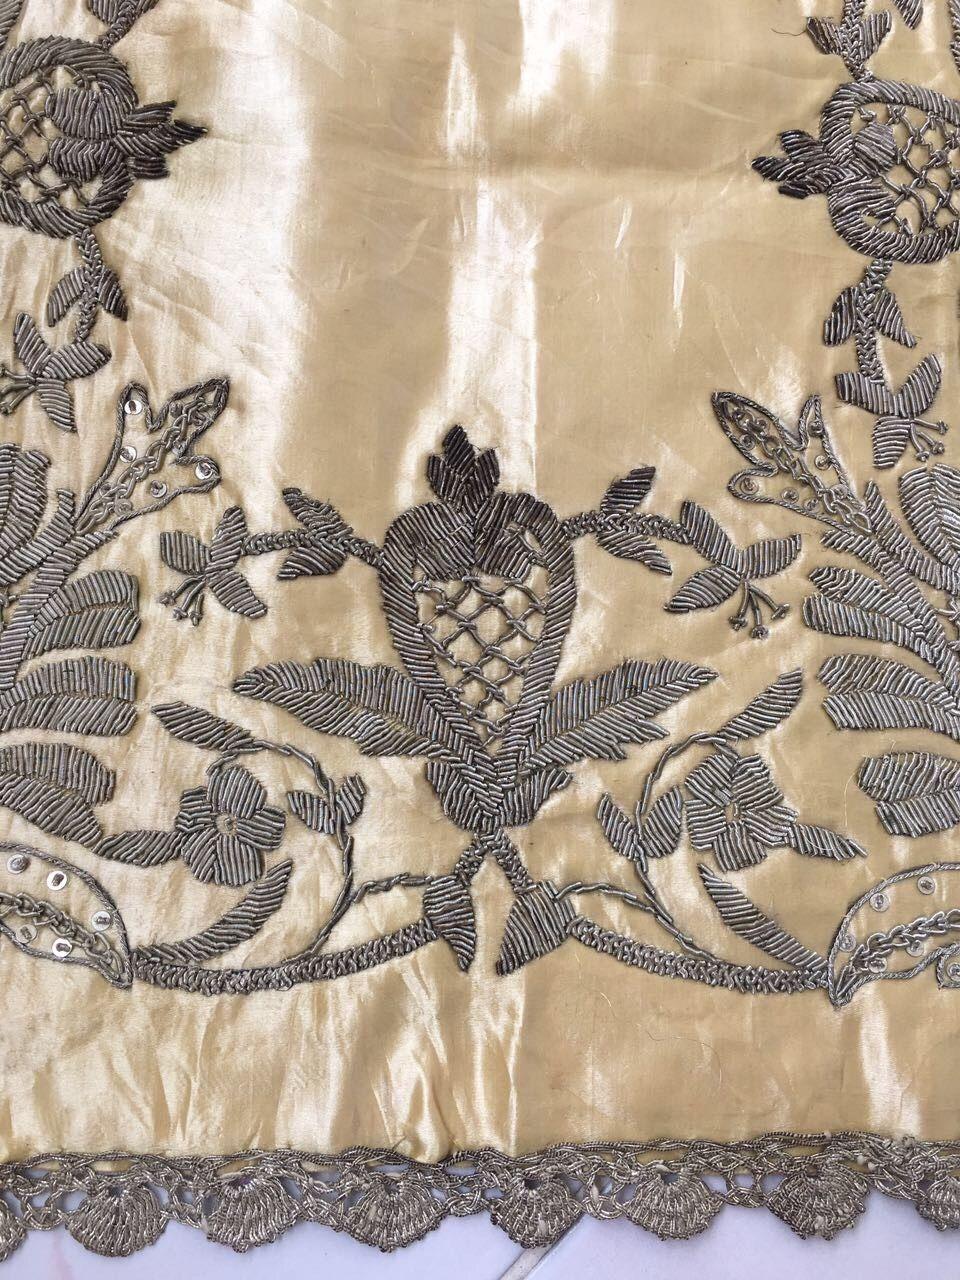 Antique Ottoman Turkish Silk Metallic Hand Embroidery On Linen